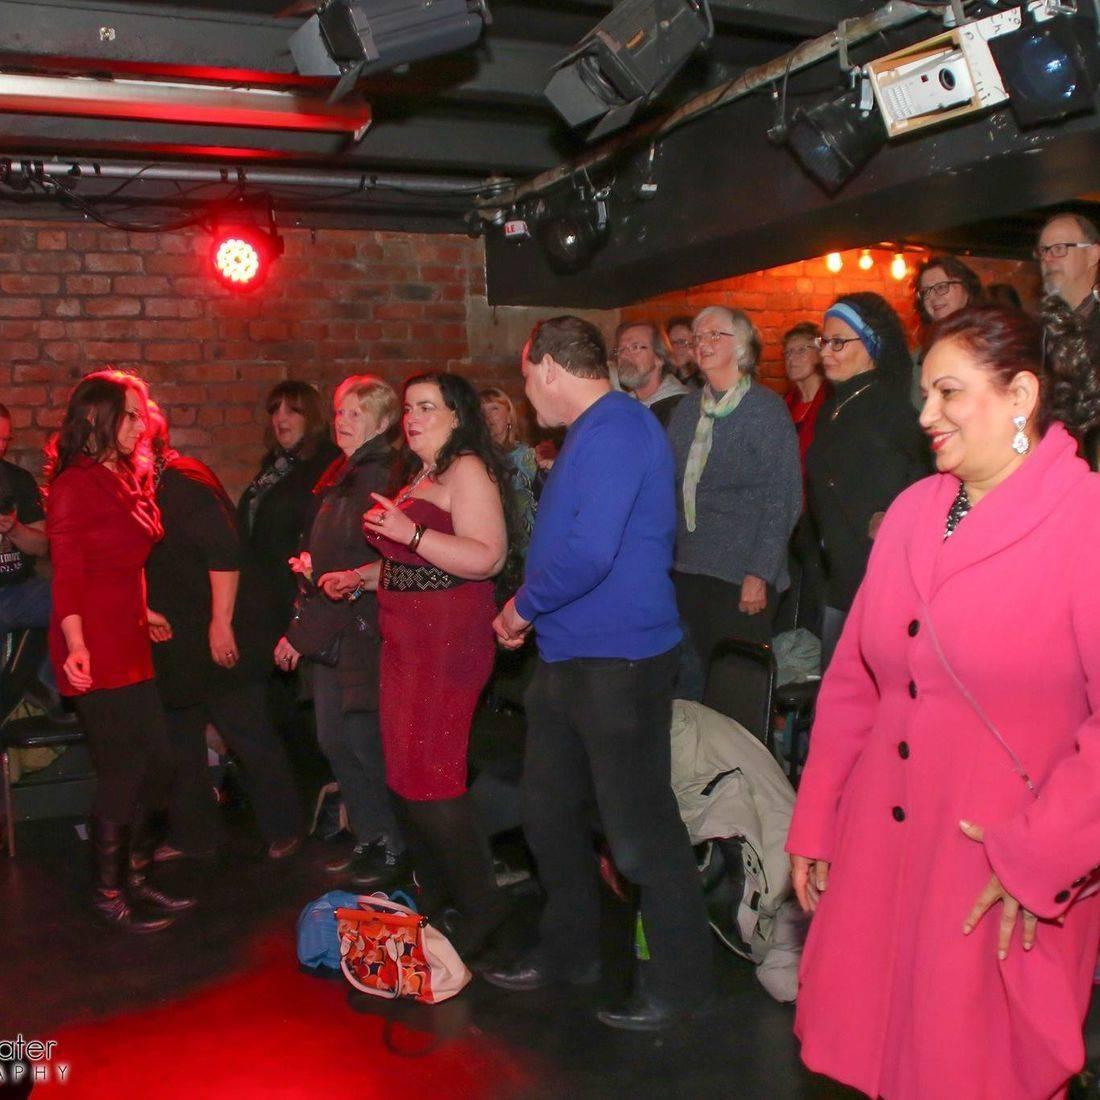 Earthmoves creative dance tutition energy joyful event